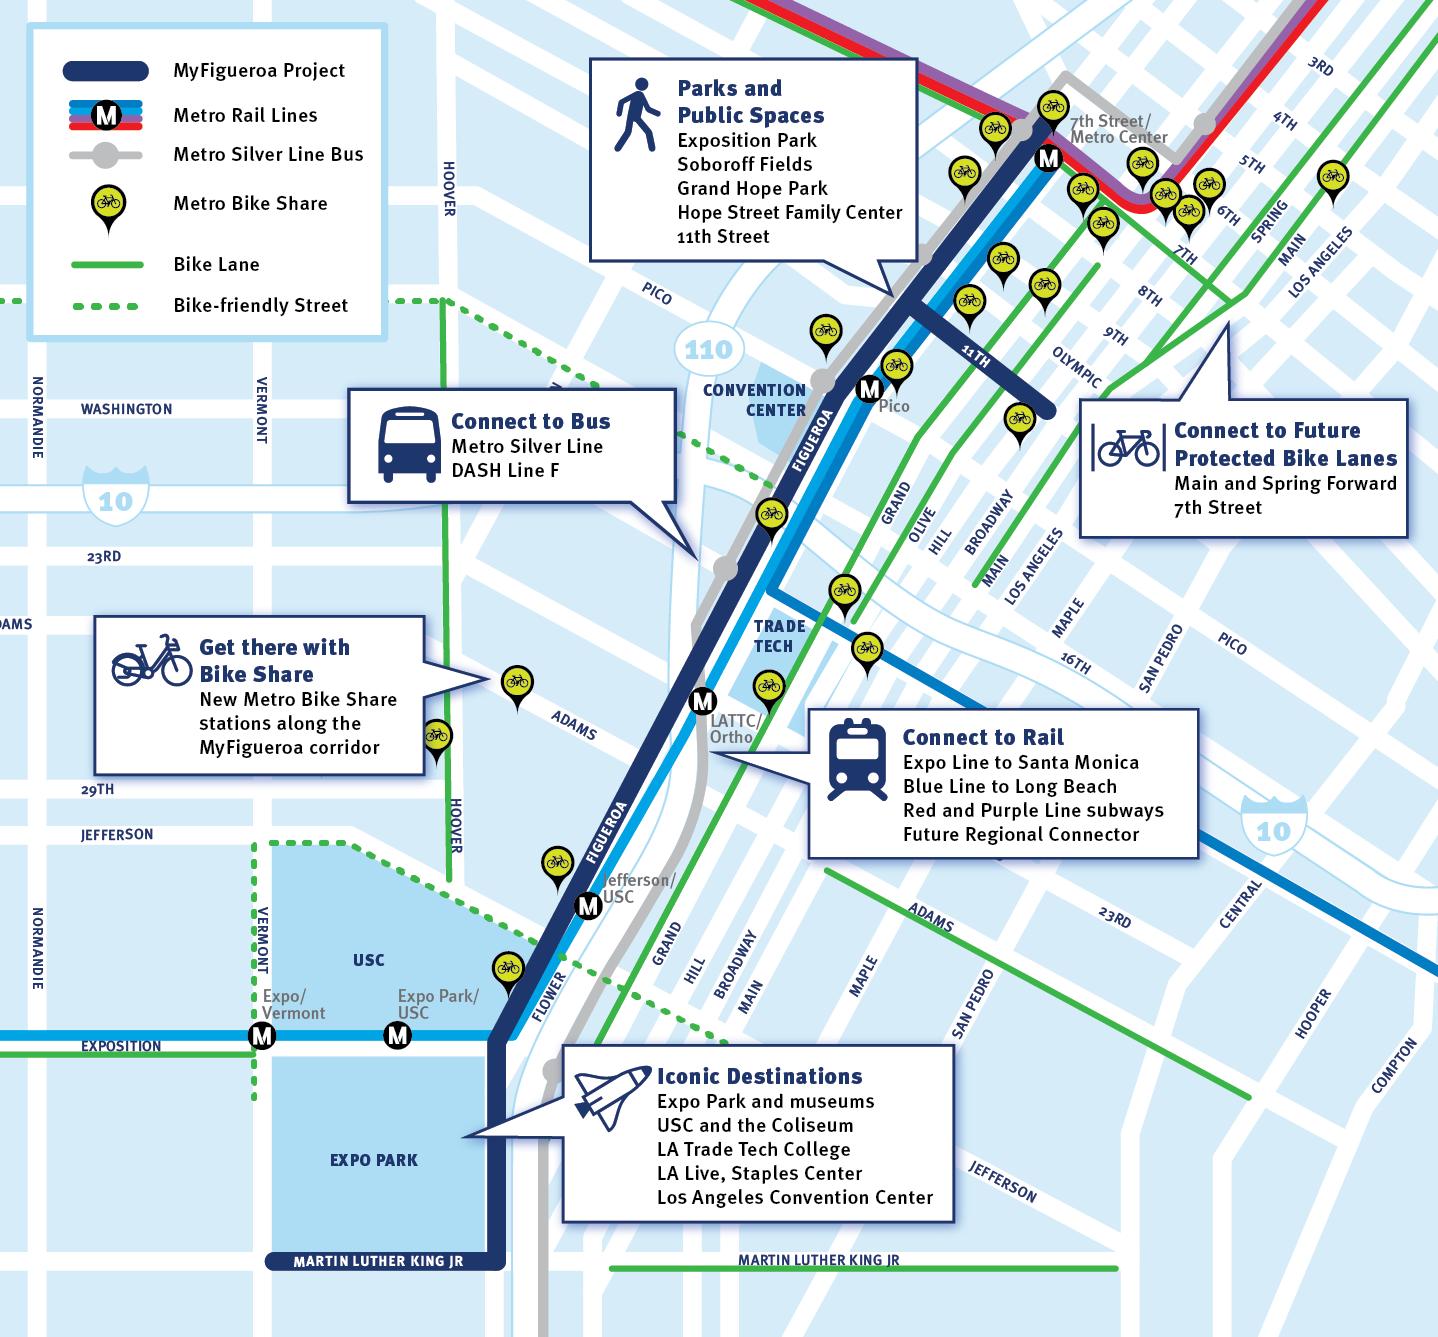 Ams Subway Map.Myfigueroa